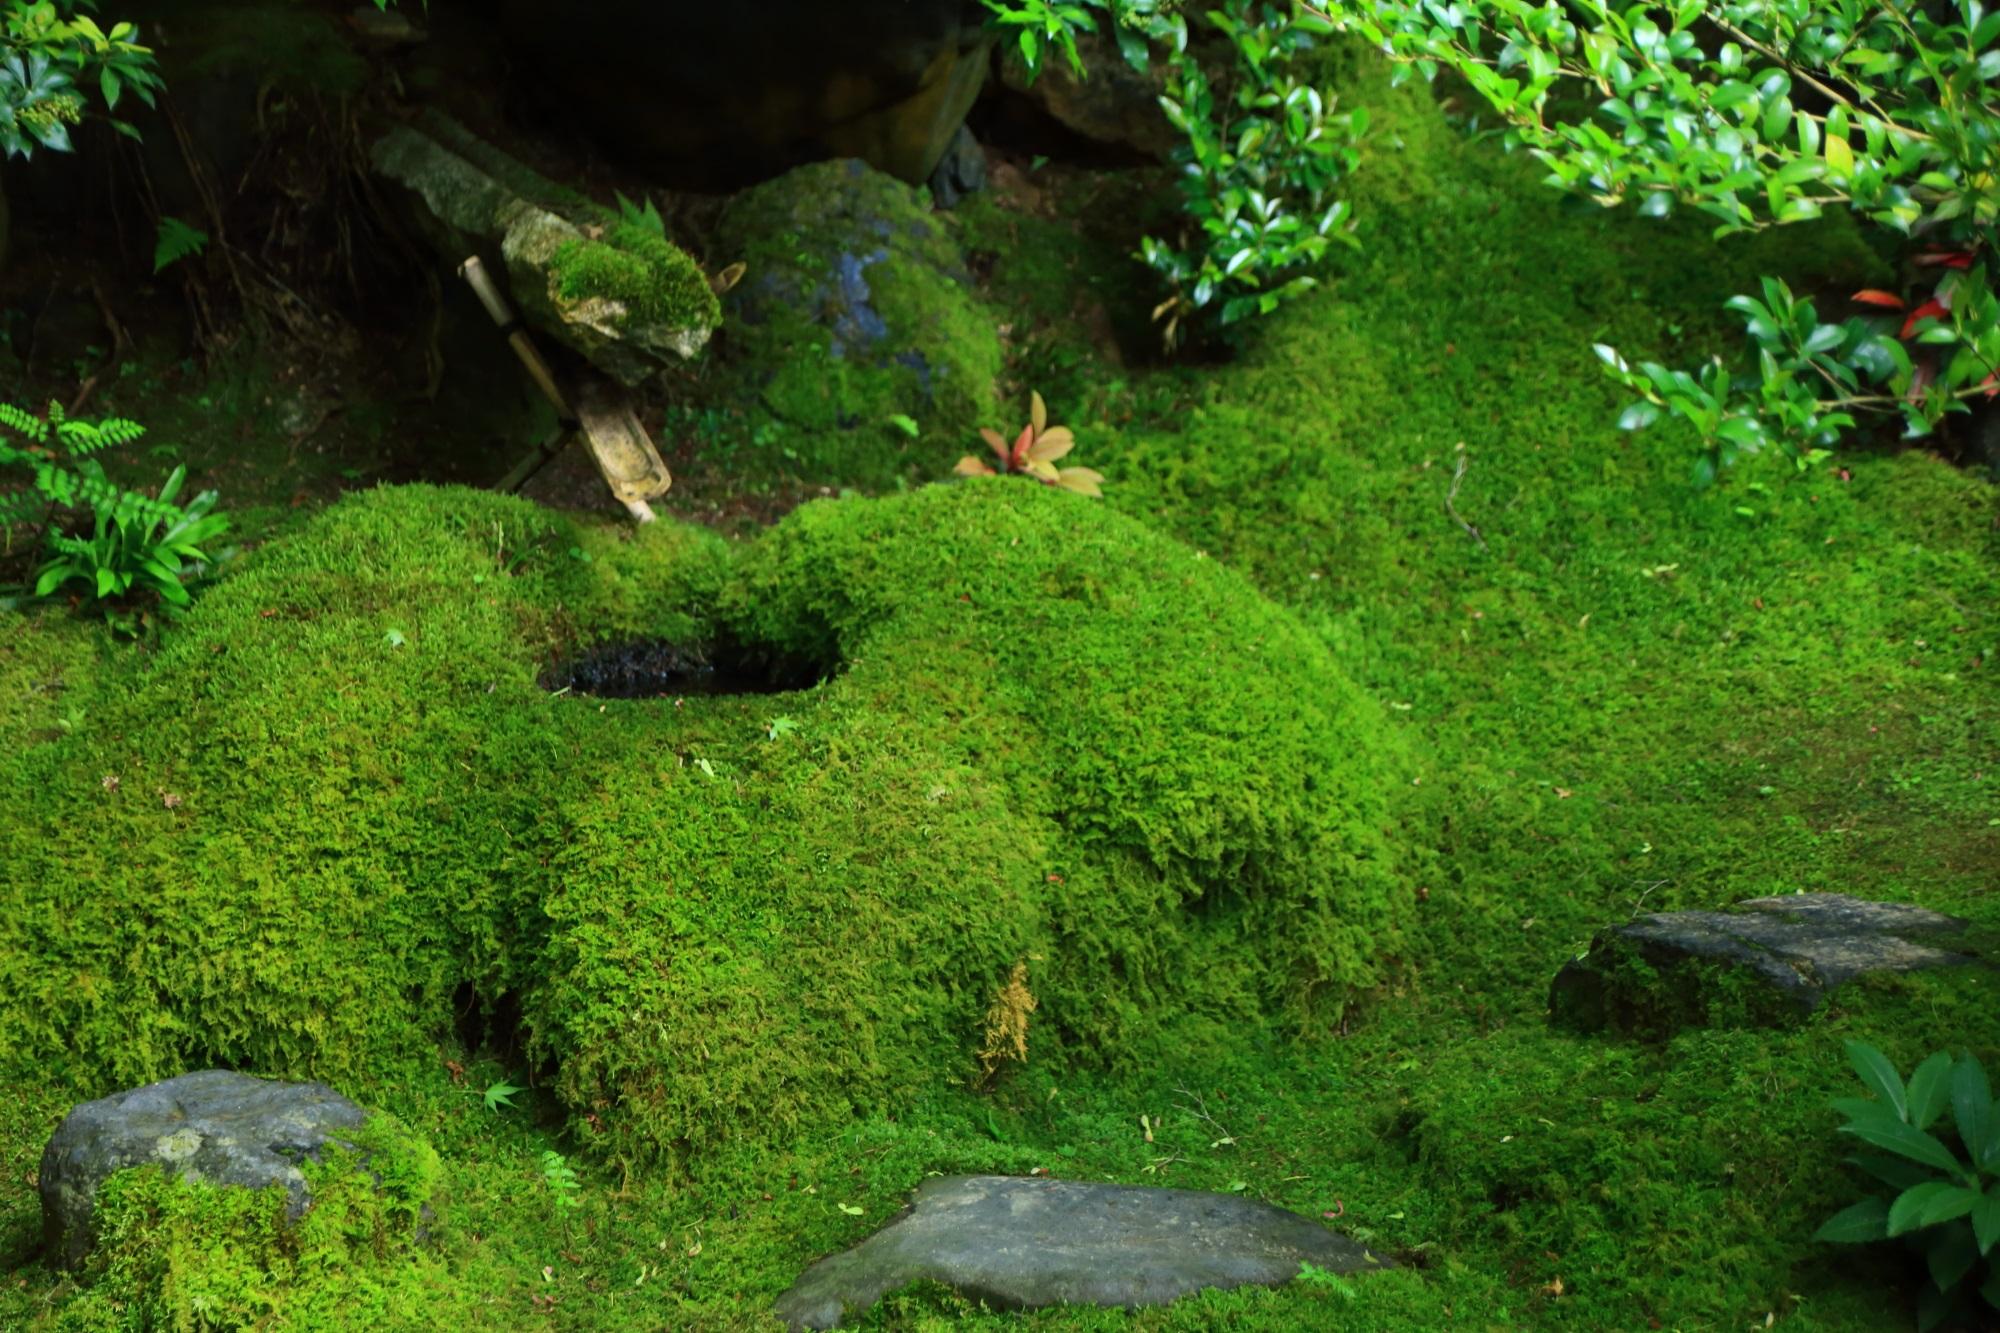 瑠璃光院の苔に覆われた見事な庭園